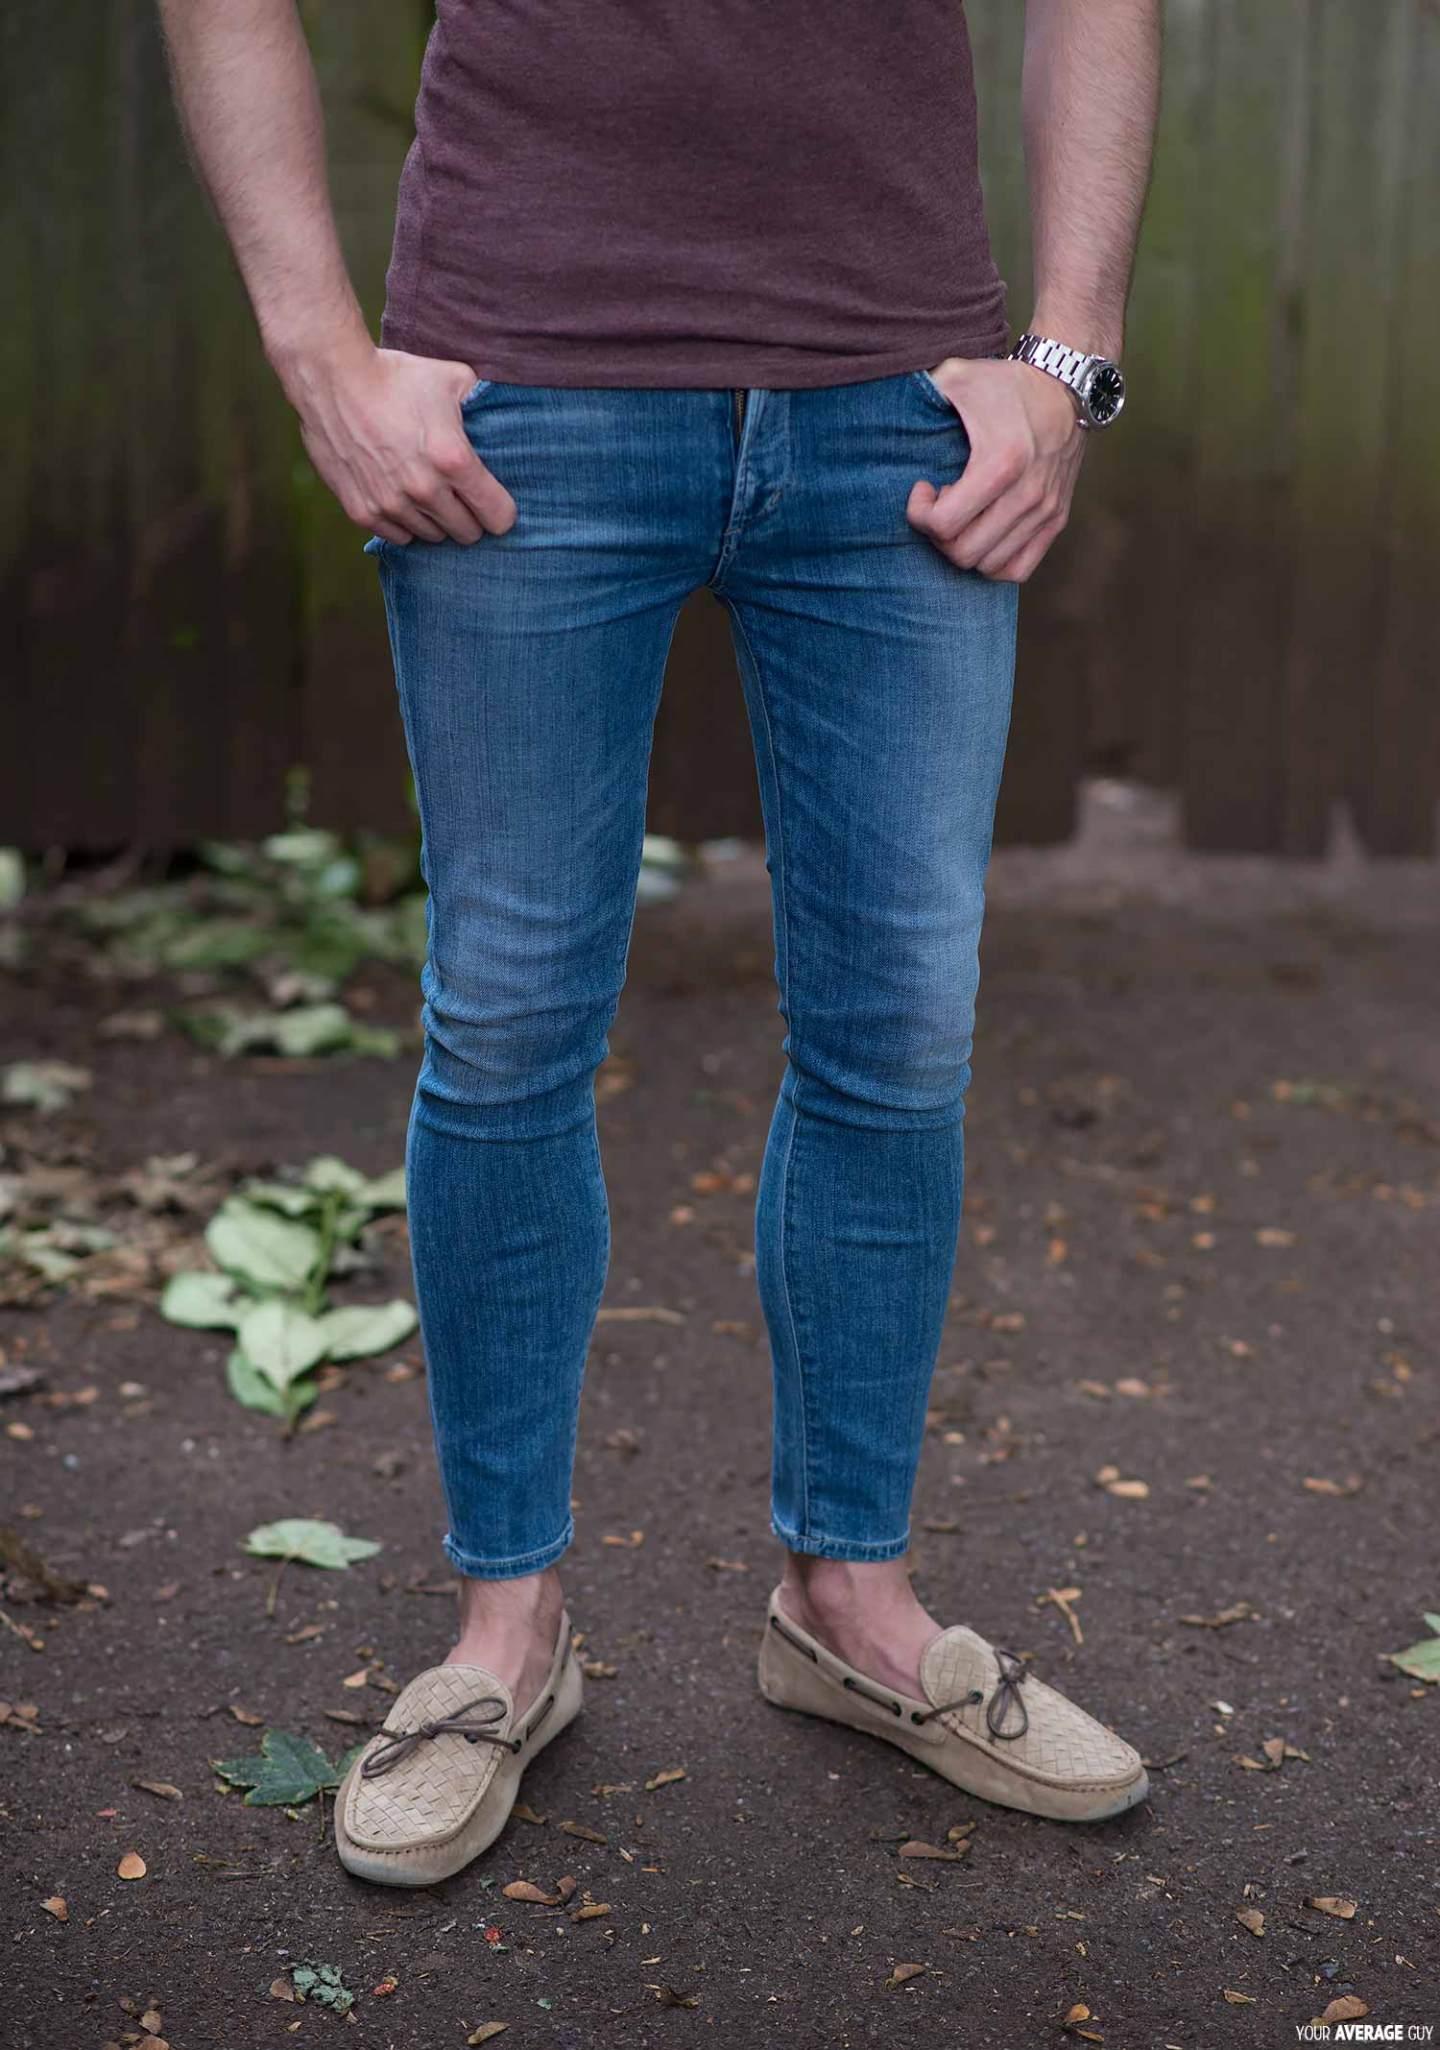 The Best Women's Skinny Jeans for Men